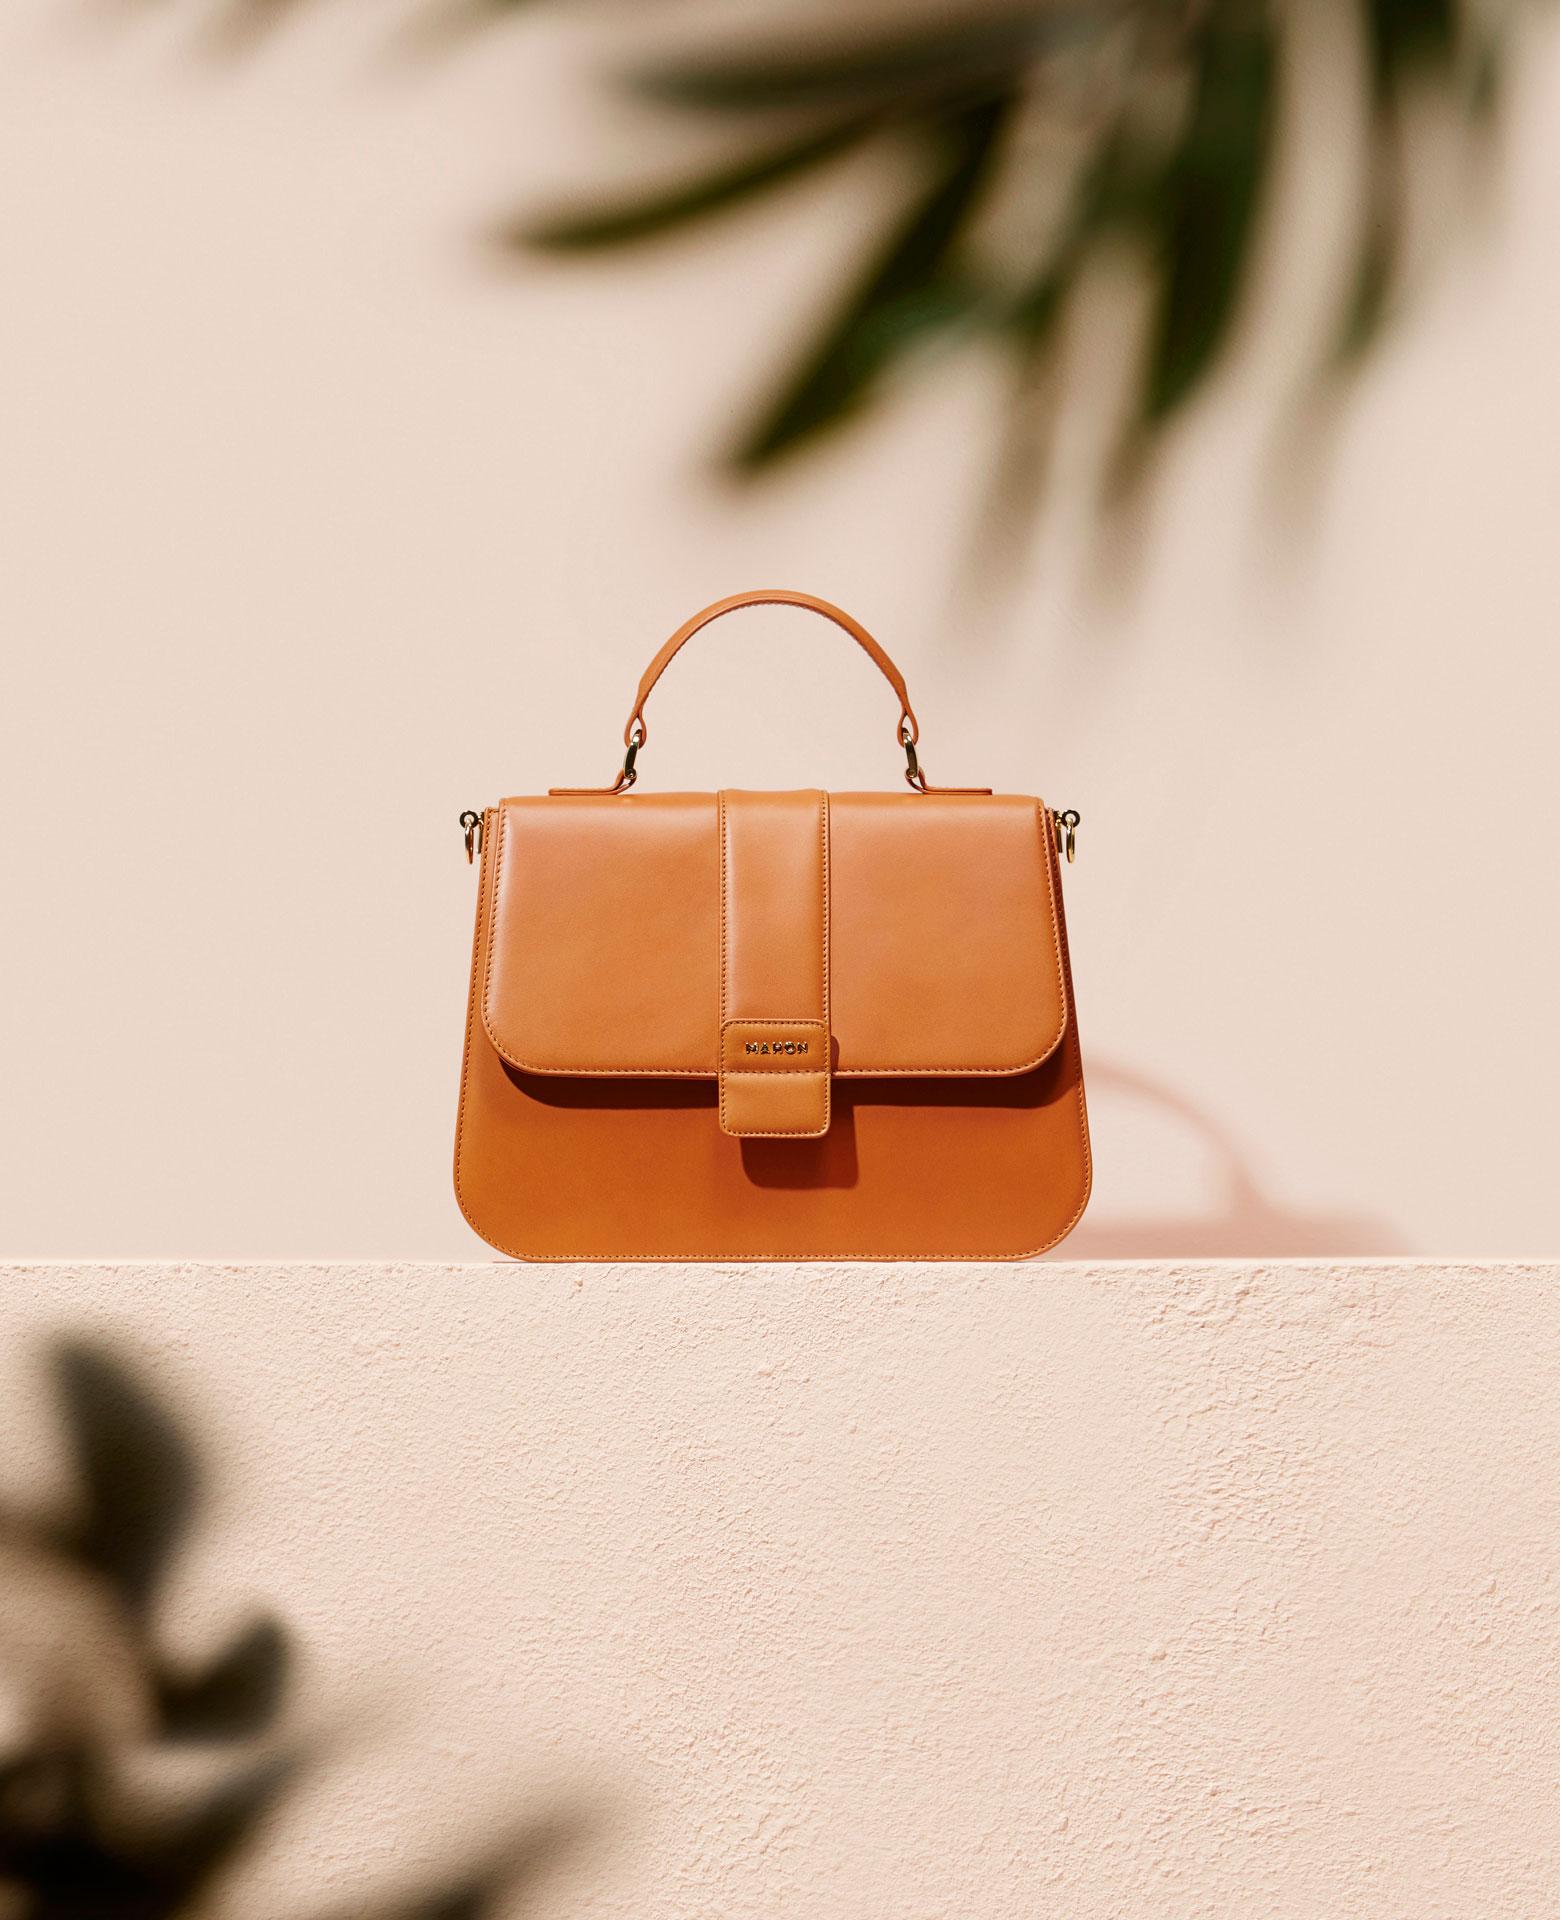 mahon_luxury_bags_protagonista_honey_yellow